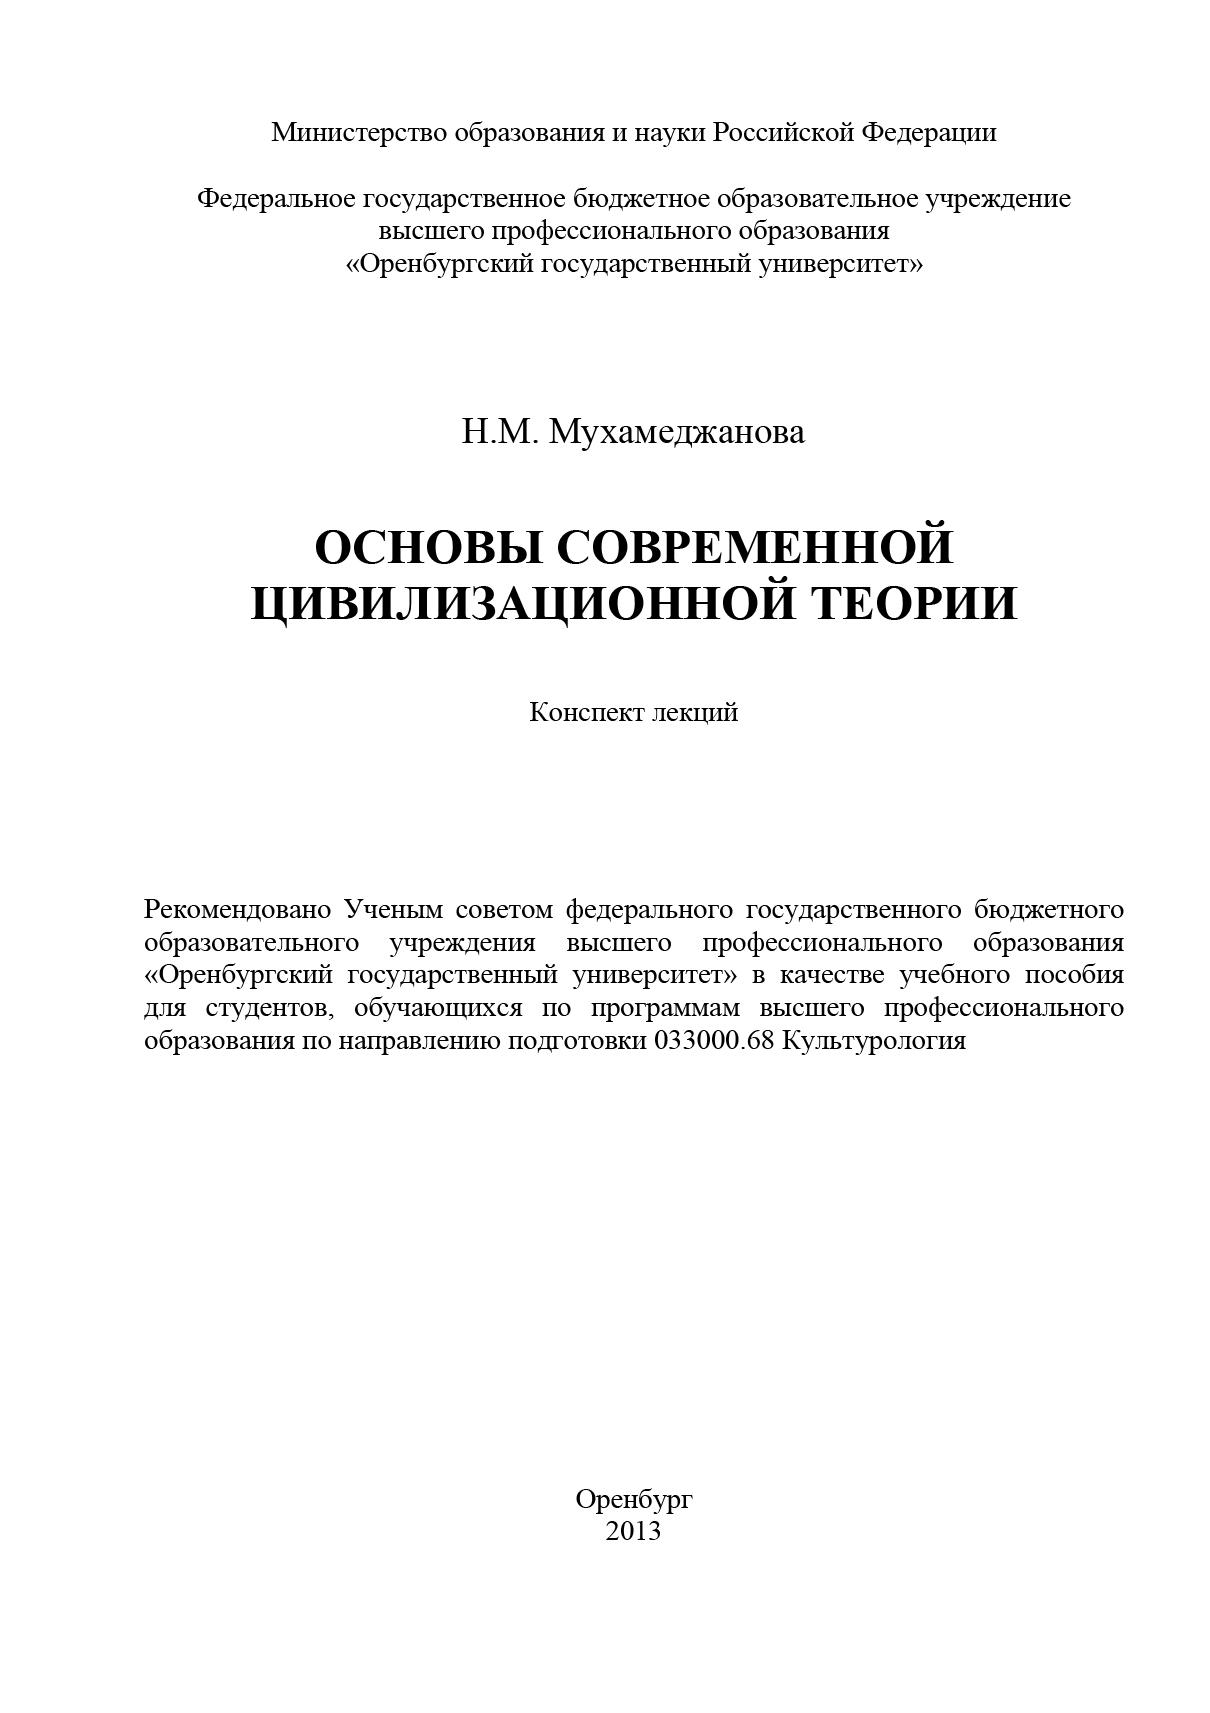 Н. М. Мухамеджанова Основы современной цивилизационной теории о в бабурова математические основы современной теории гравитации